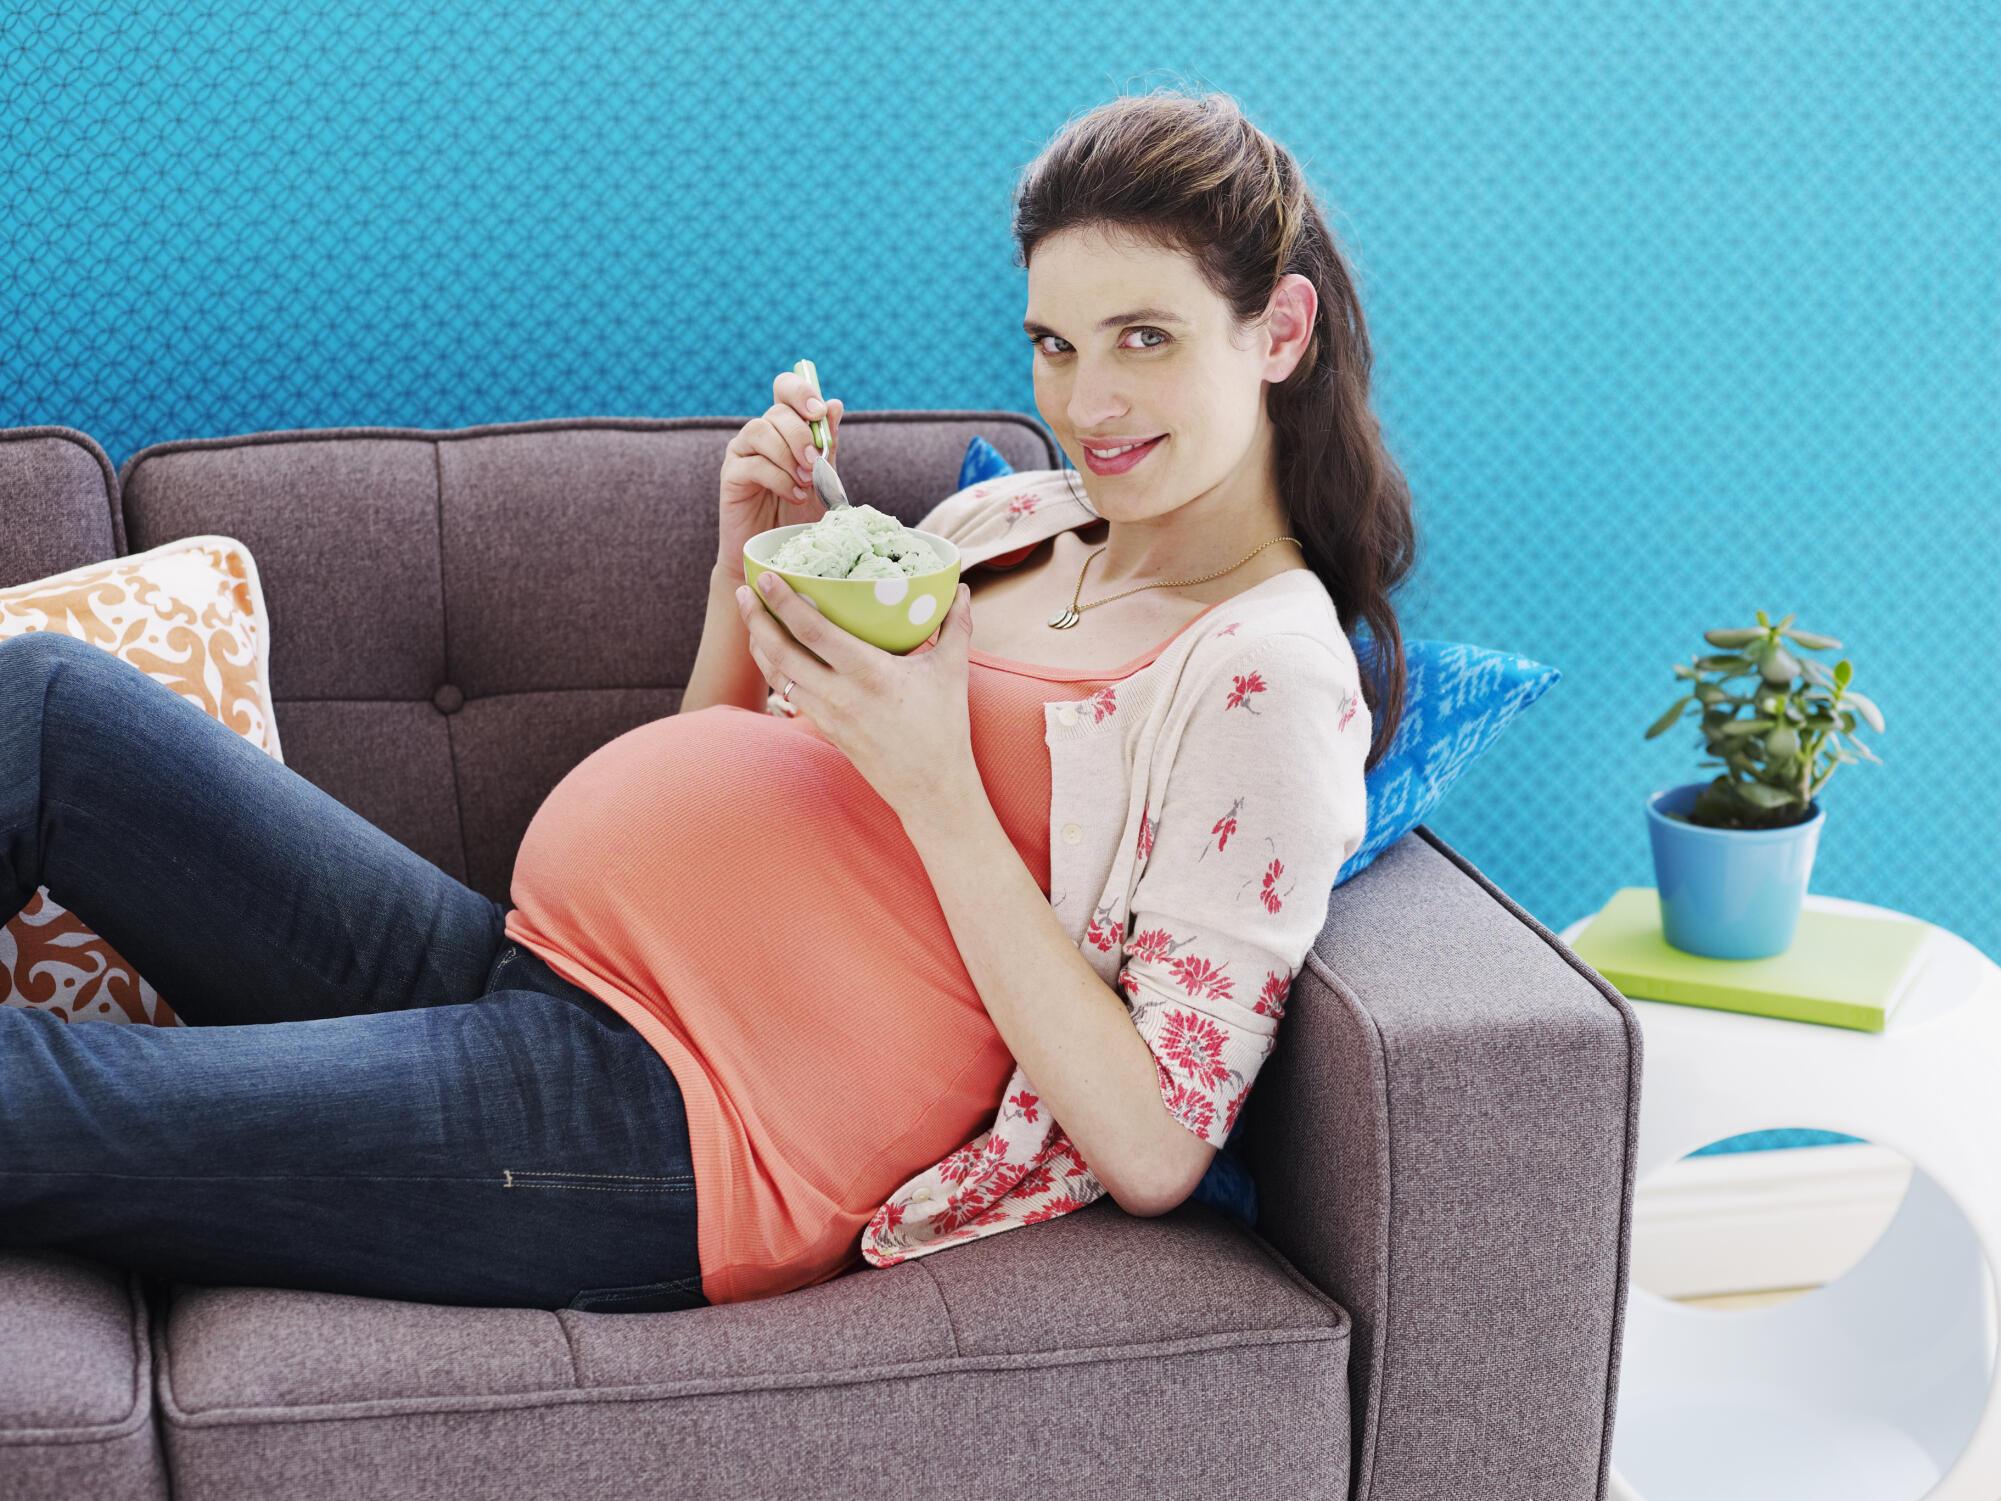 Finlândia ocupa a primeira colocação no ranking de melhores países do mundo para ser mãe.